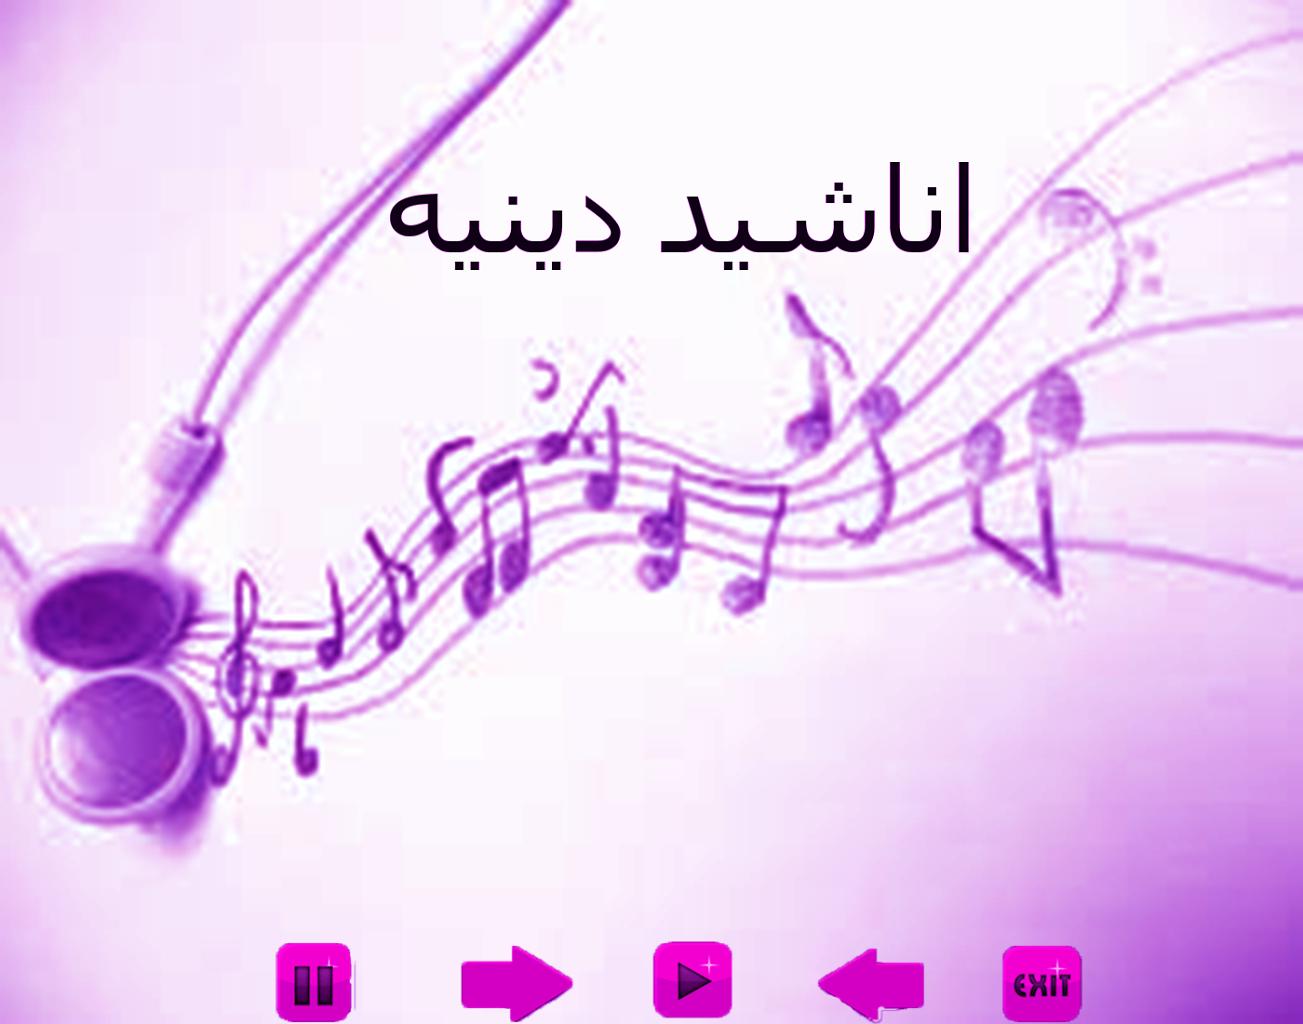 صورة اغاني دينية اسلامية , اناشيد اسلامية تنعش القلوب من الايمان 3285